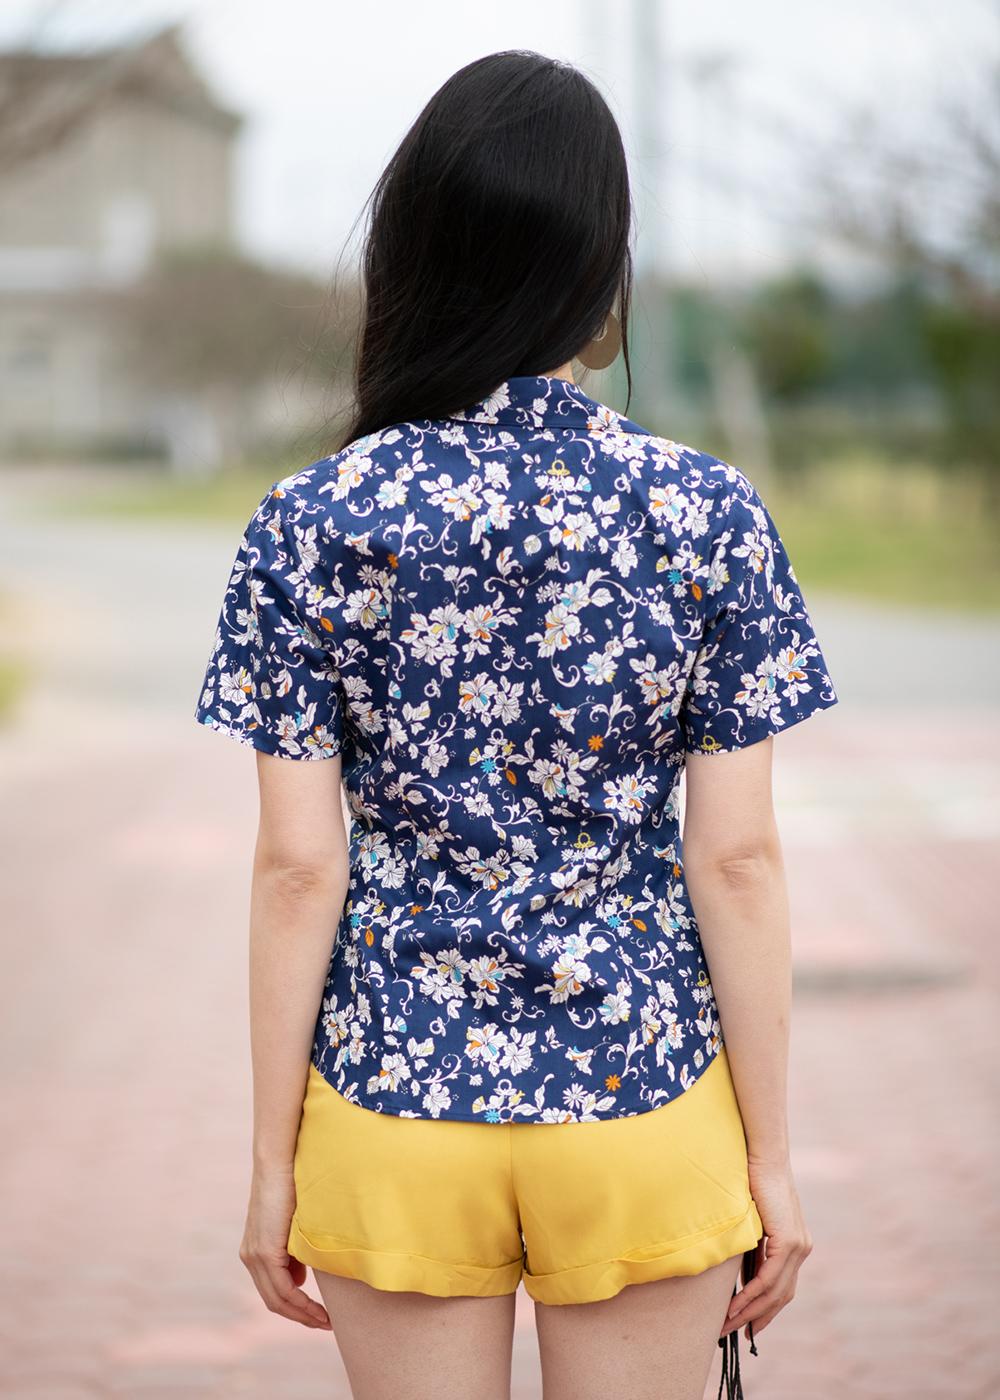 かりゆしウェア(沖縄版アロハシャツ) MAJUN - クラシカルリング